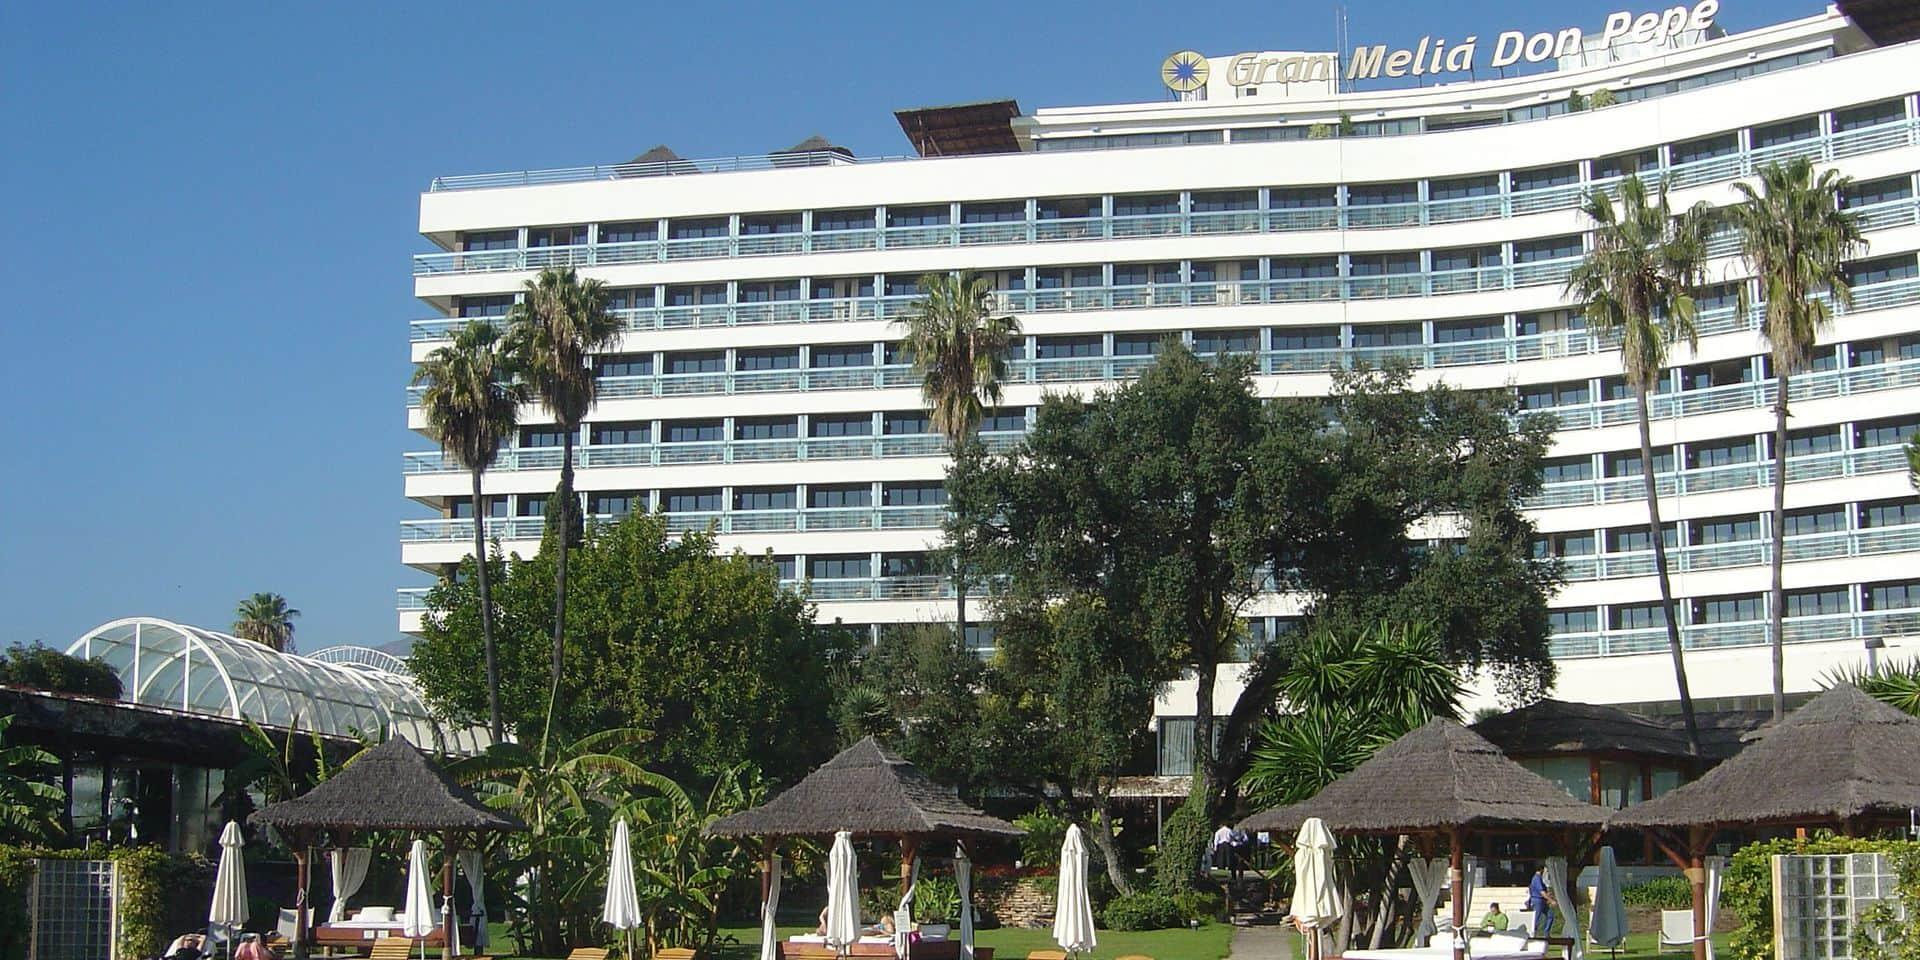 Il chute du balcon de son hôtel à Marbella, et s'écrase sur un homme en train de prendre un verre en terrasse